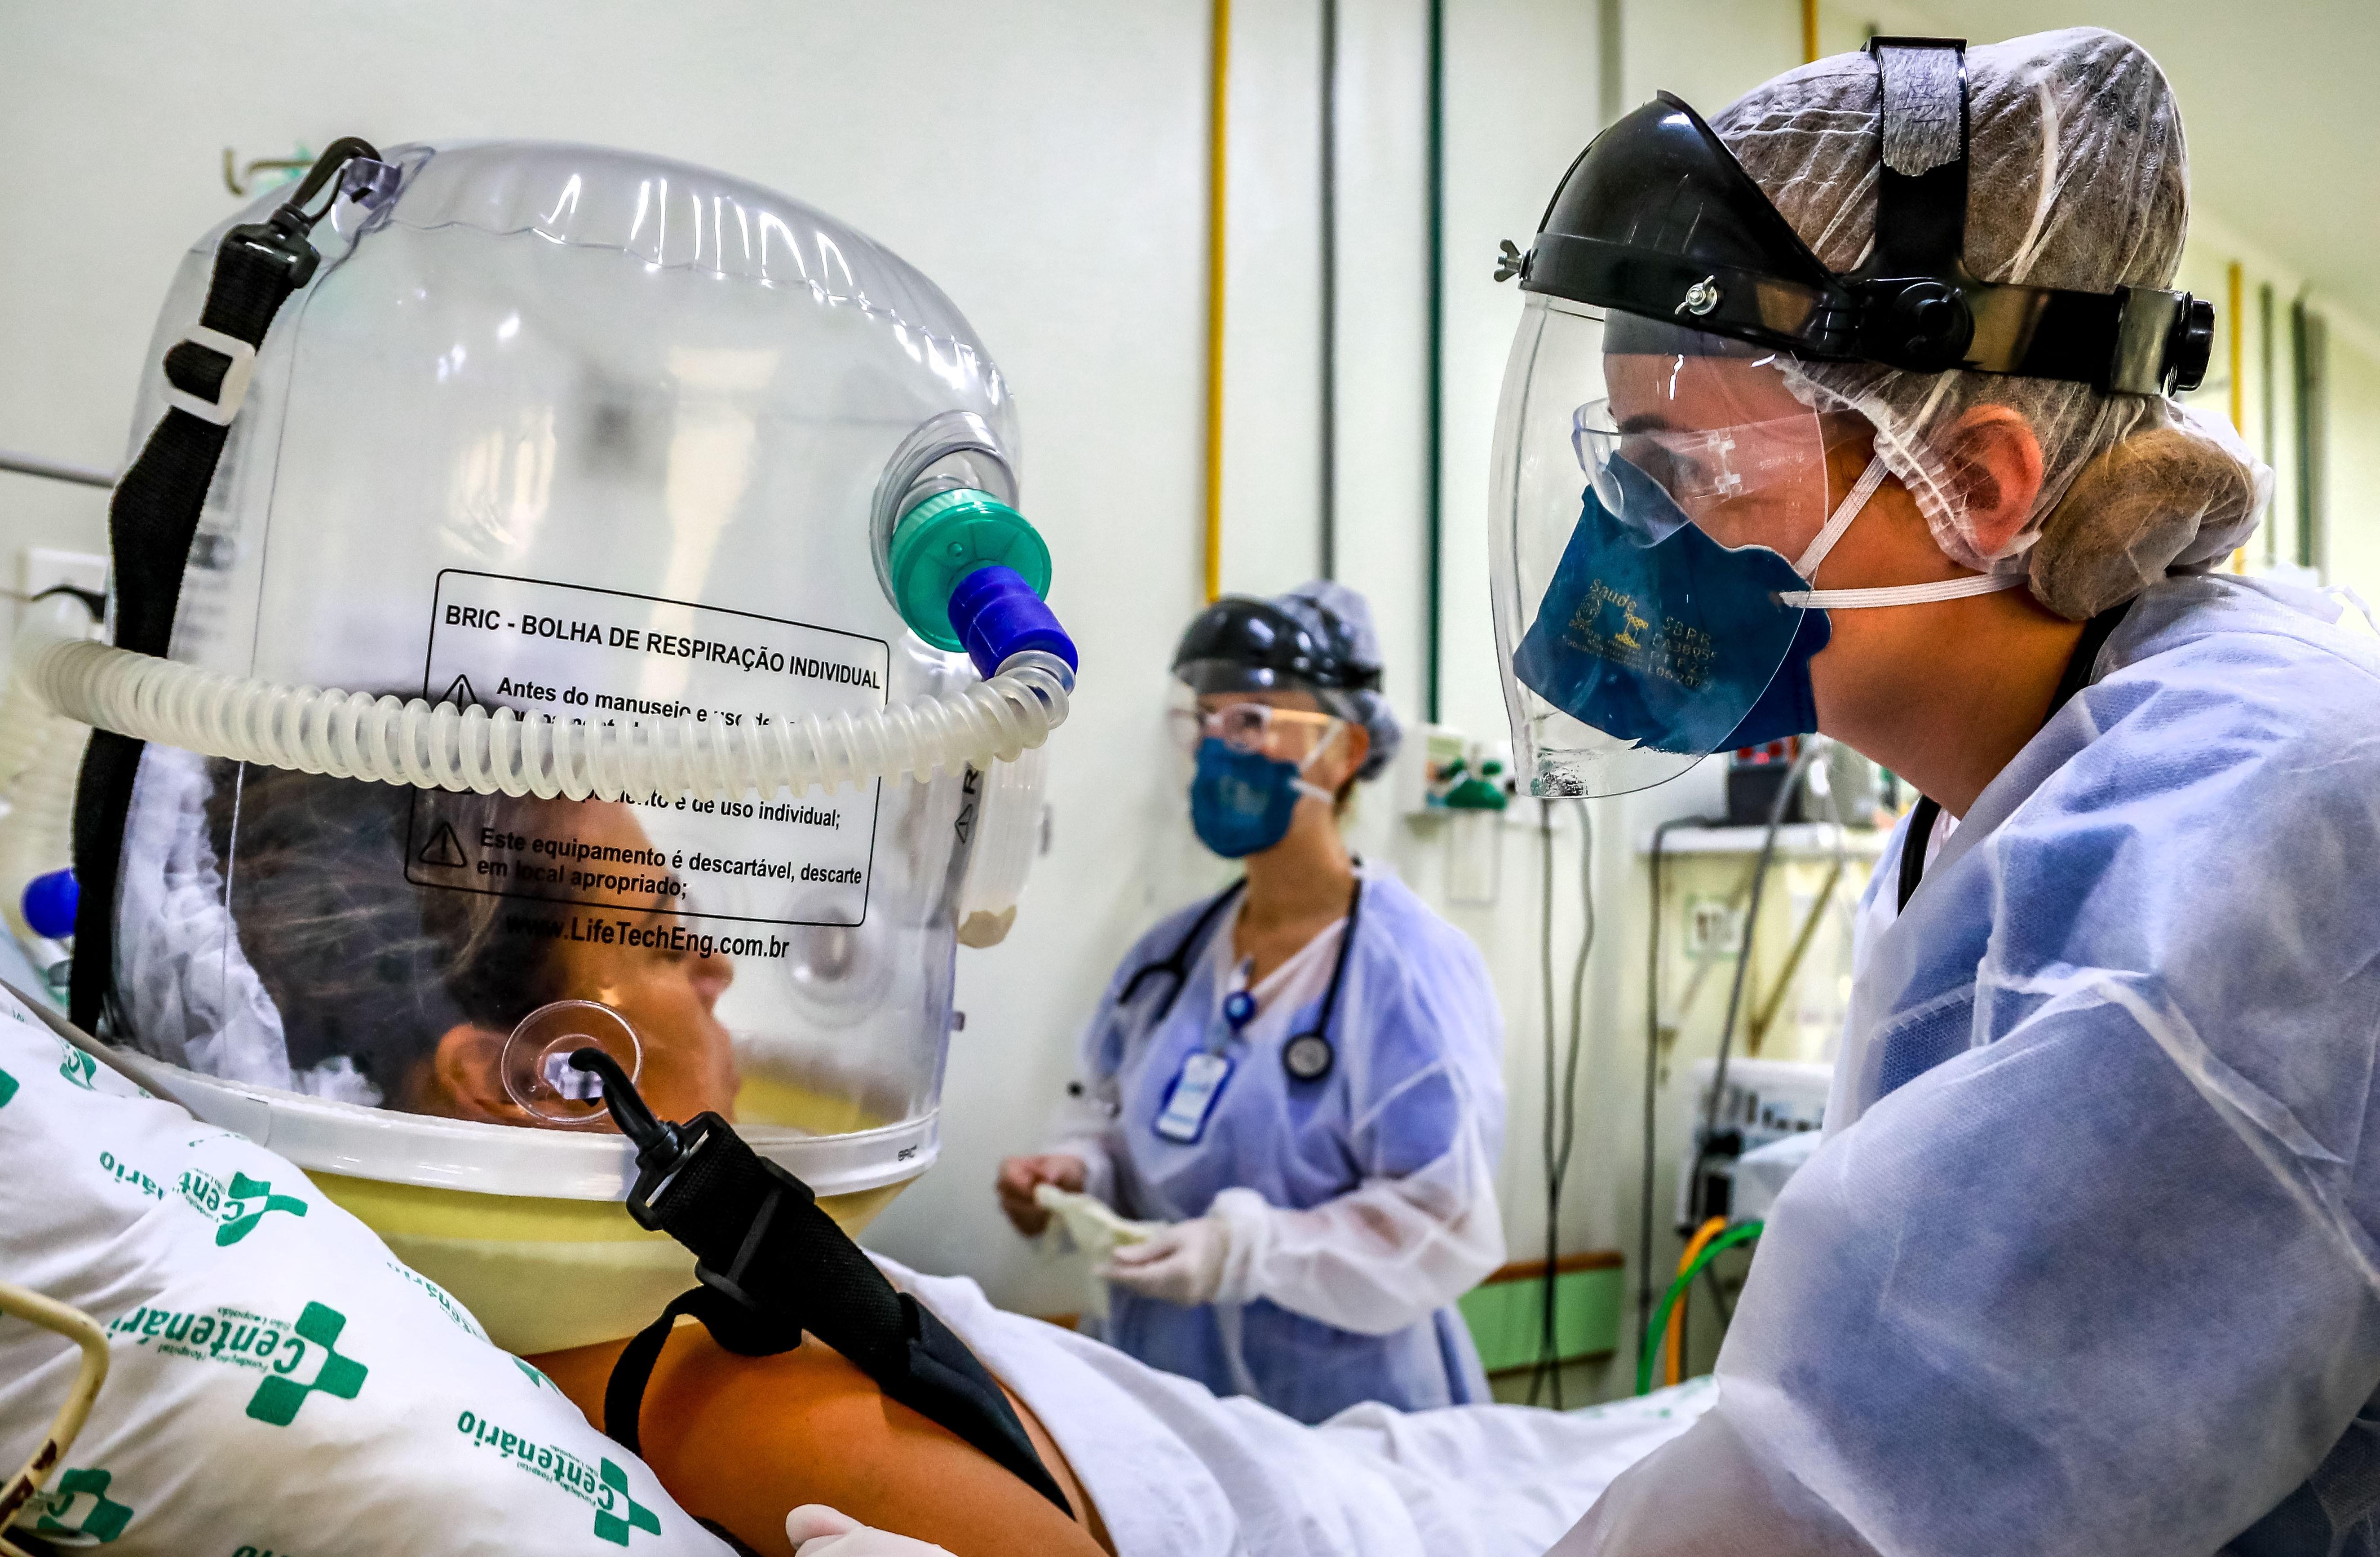 Tratamento não invasivo com 'bolha de respiração' ajuda na recuperação da Covid em hospital de São Leopoldo